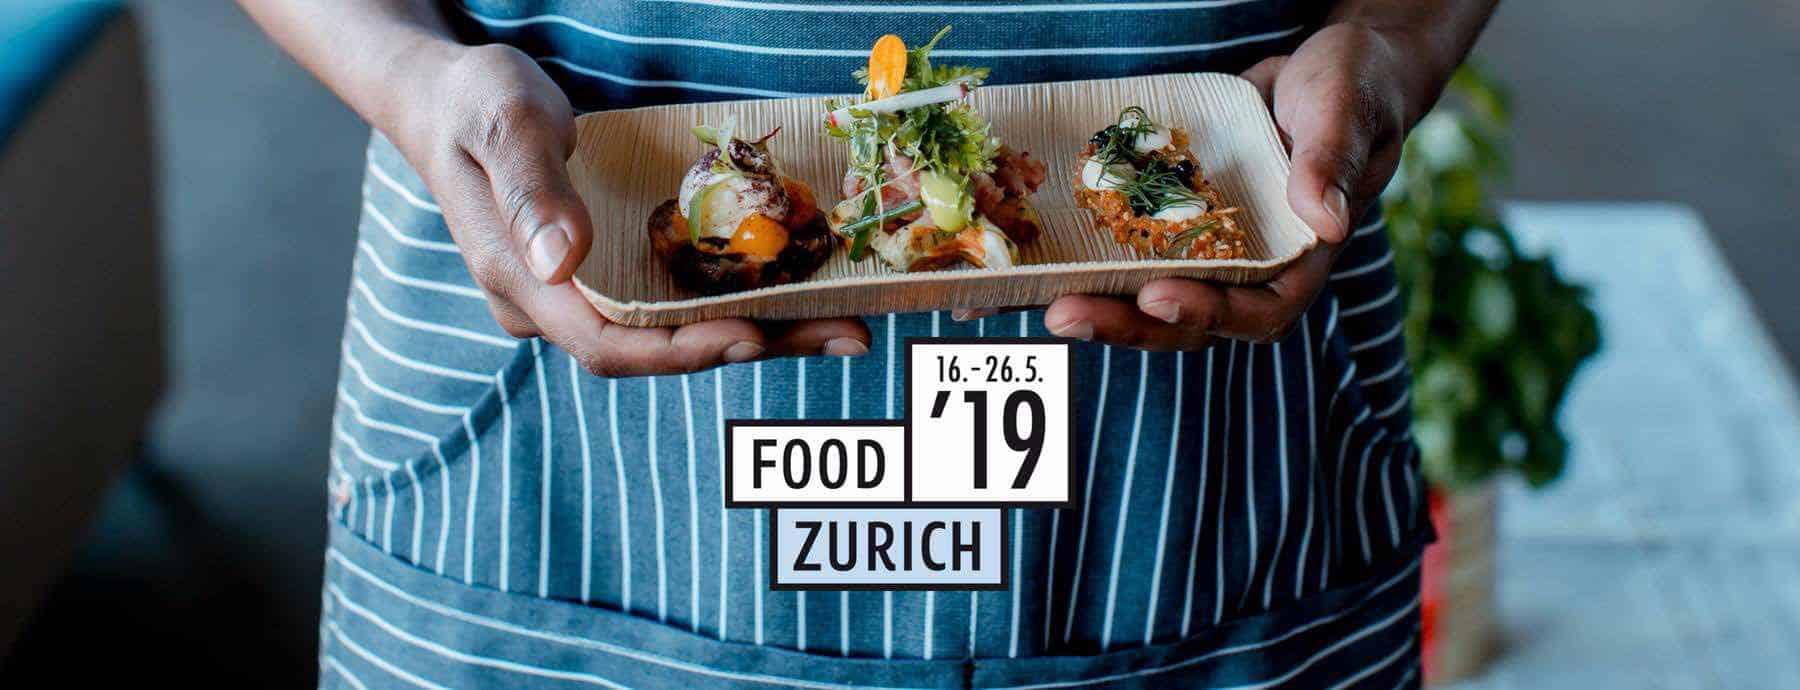 FOOD ZURICH 2019